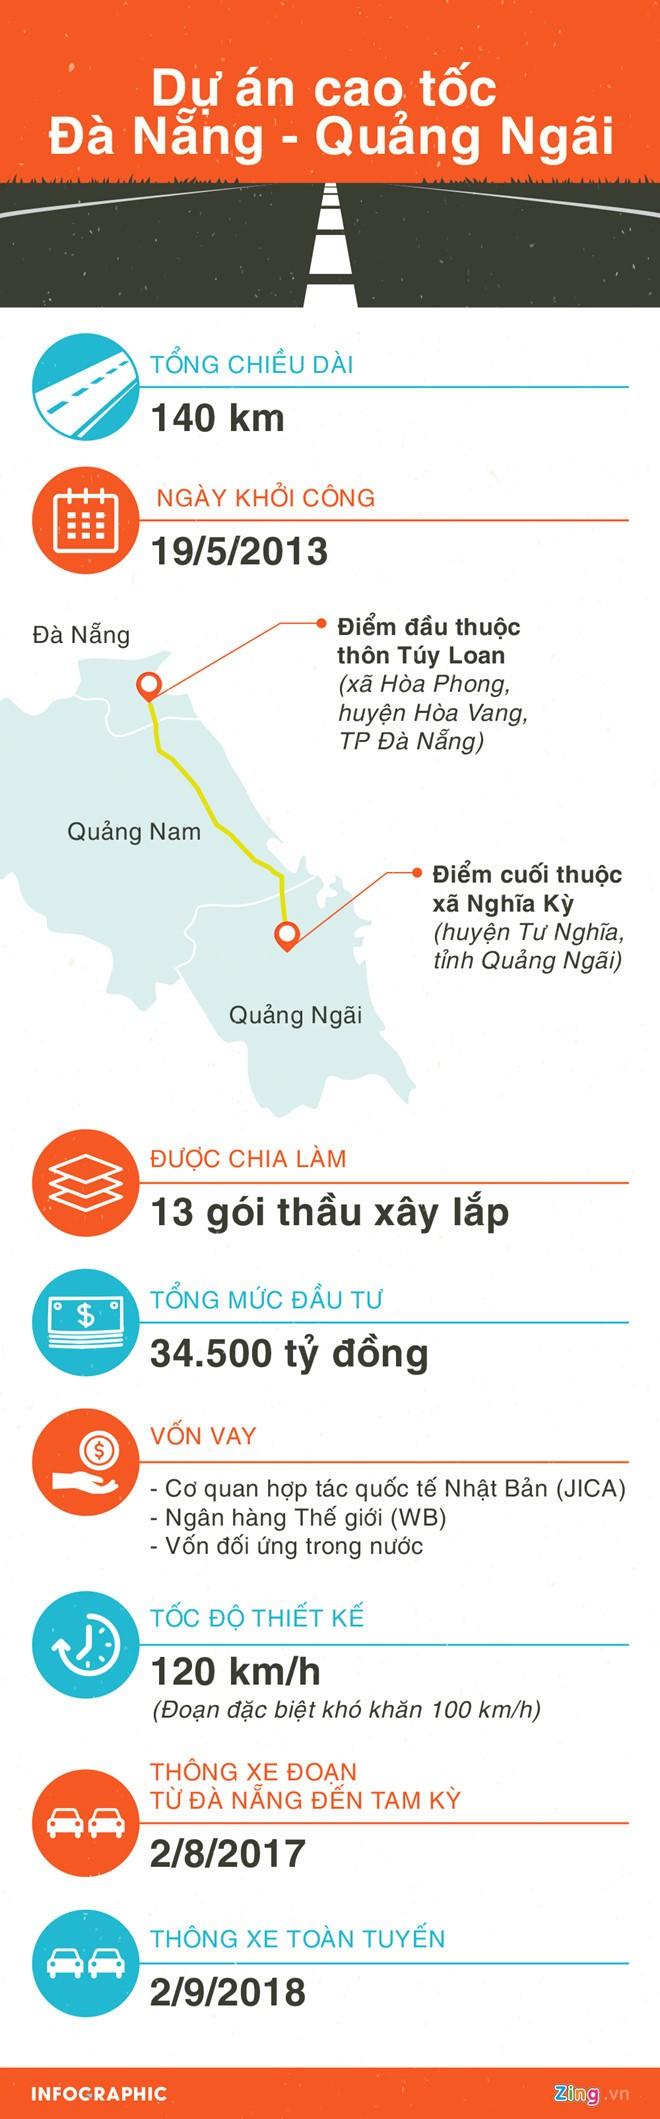 Duong dan cao toc 34.500 ty Da Nang - Quang Ngai sut lun, bay nguoi di duong-Hinh-3